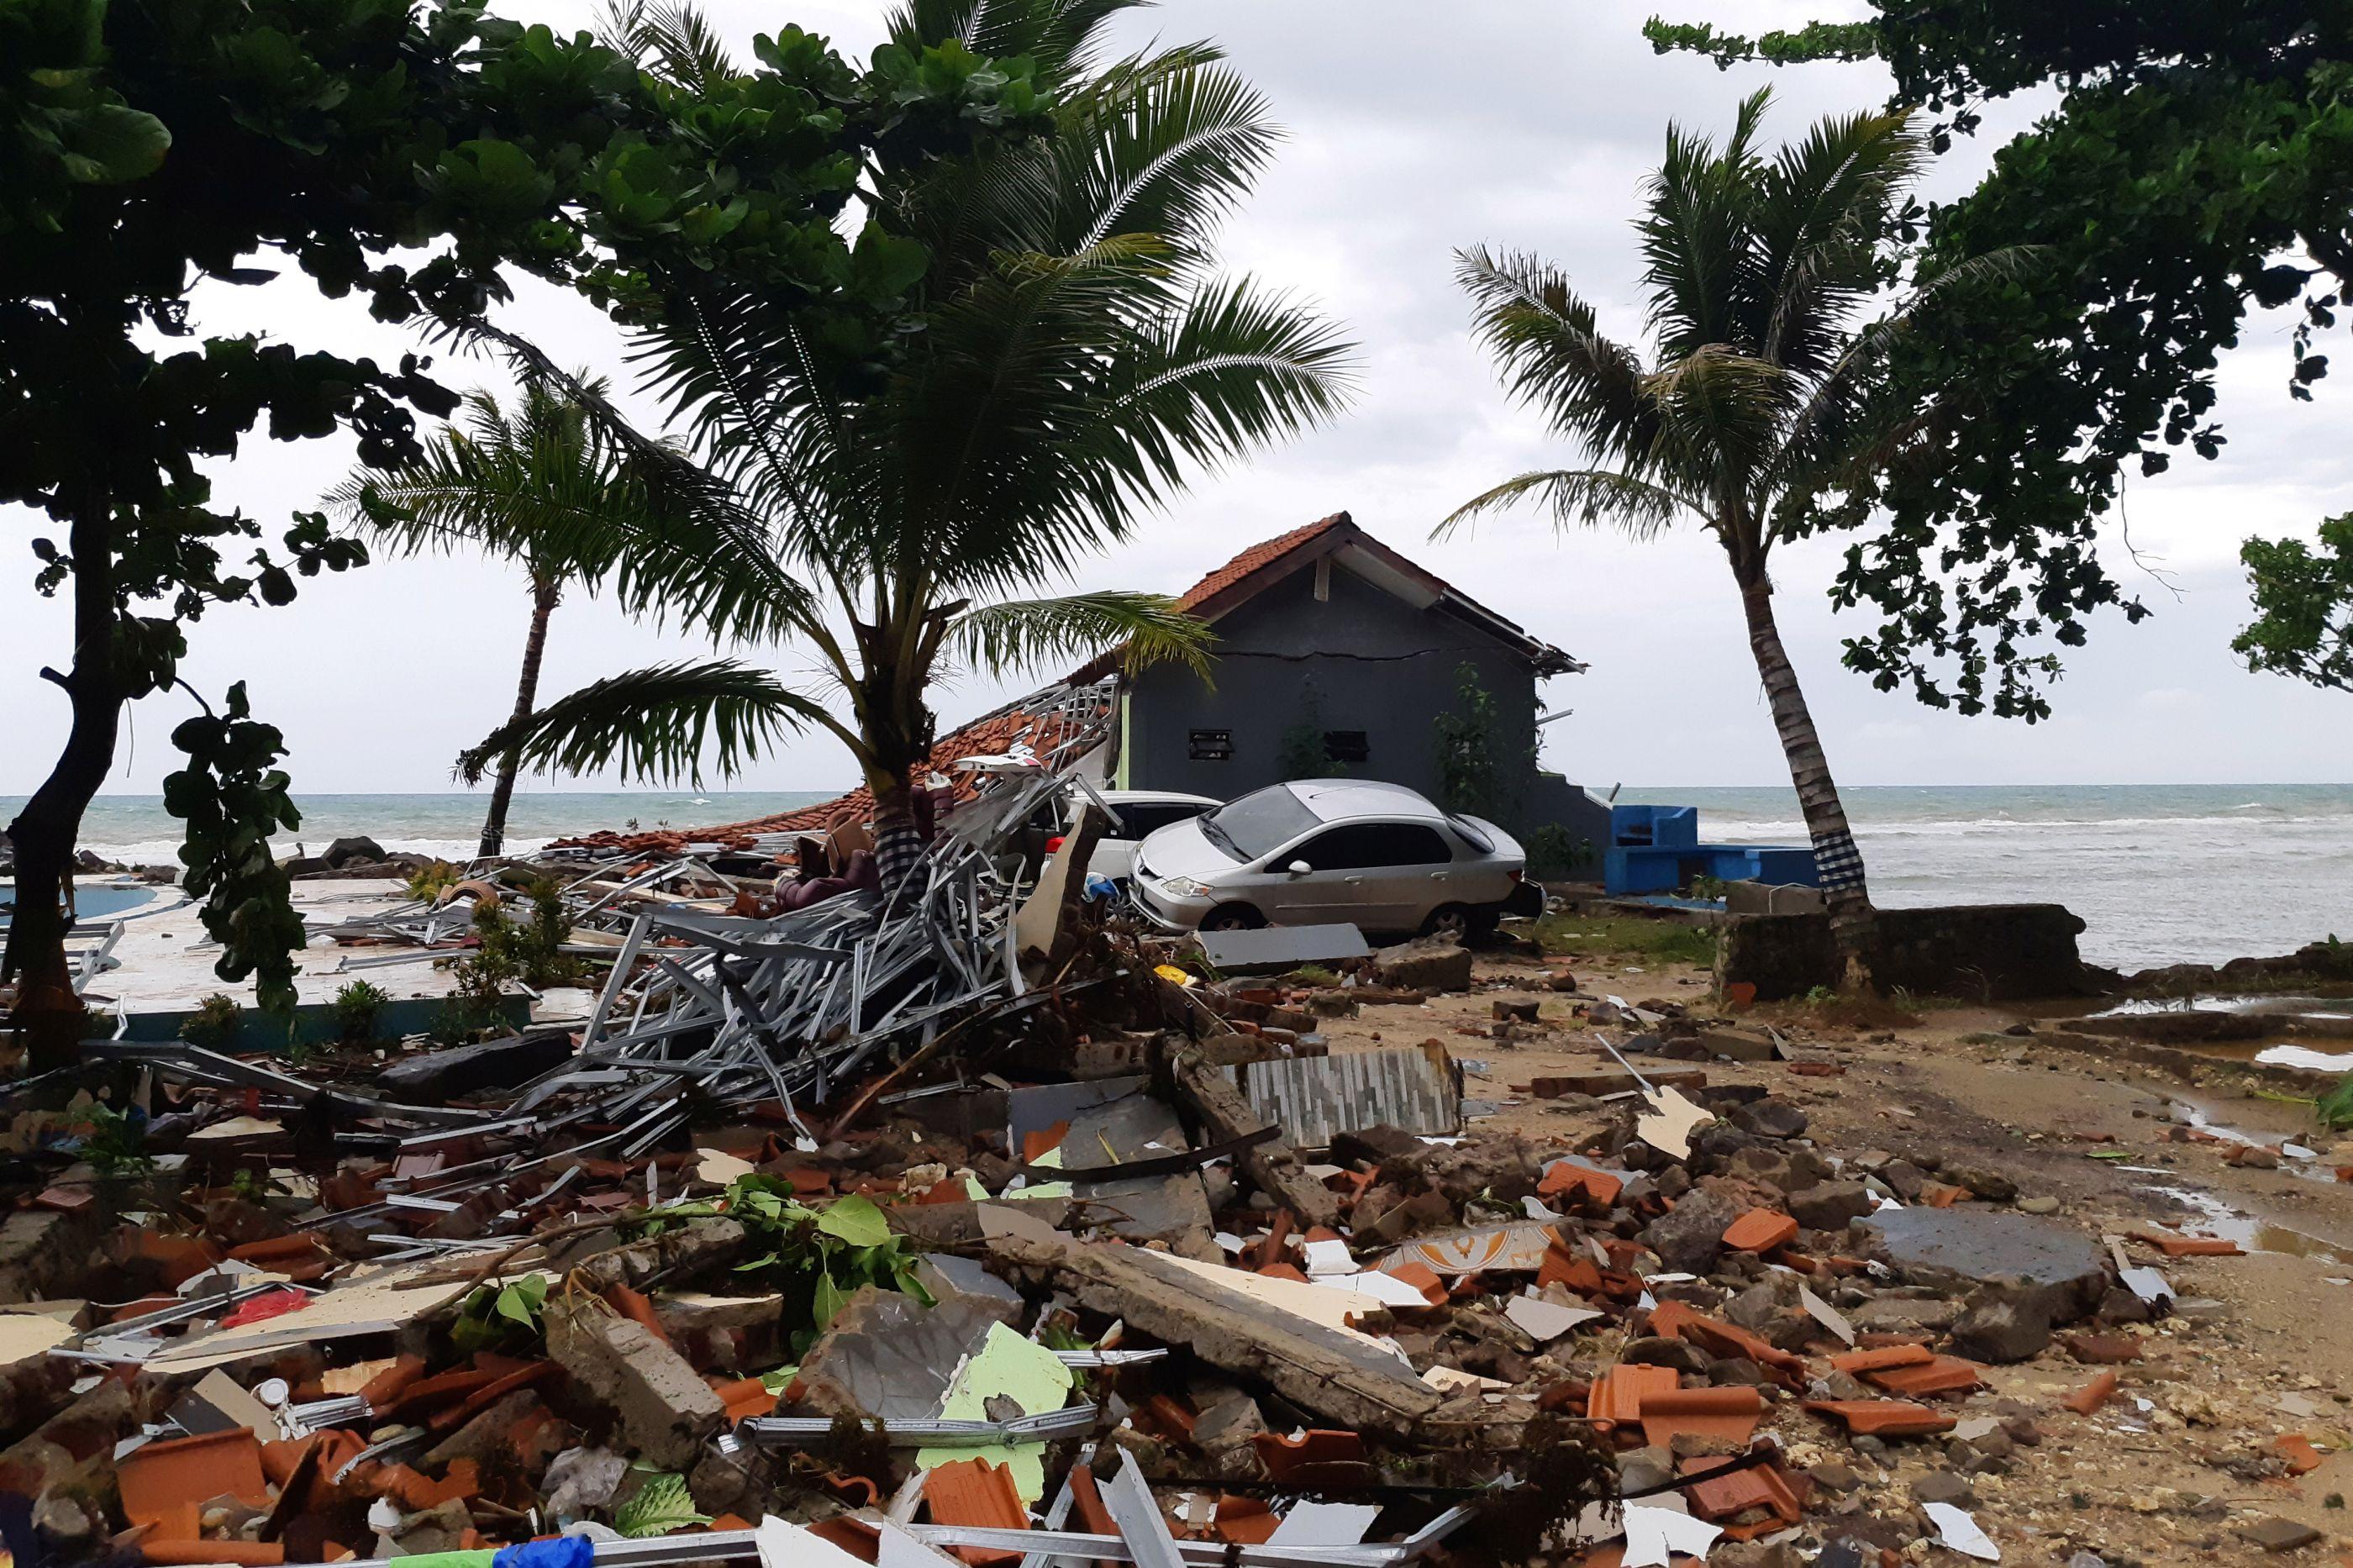 O mar invadiu a terra e deixou rasto de destruição na Indonésia